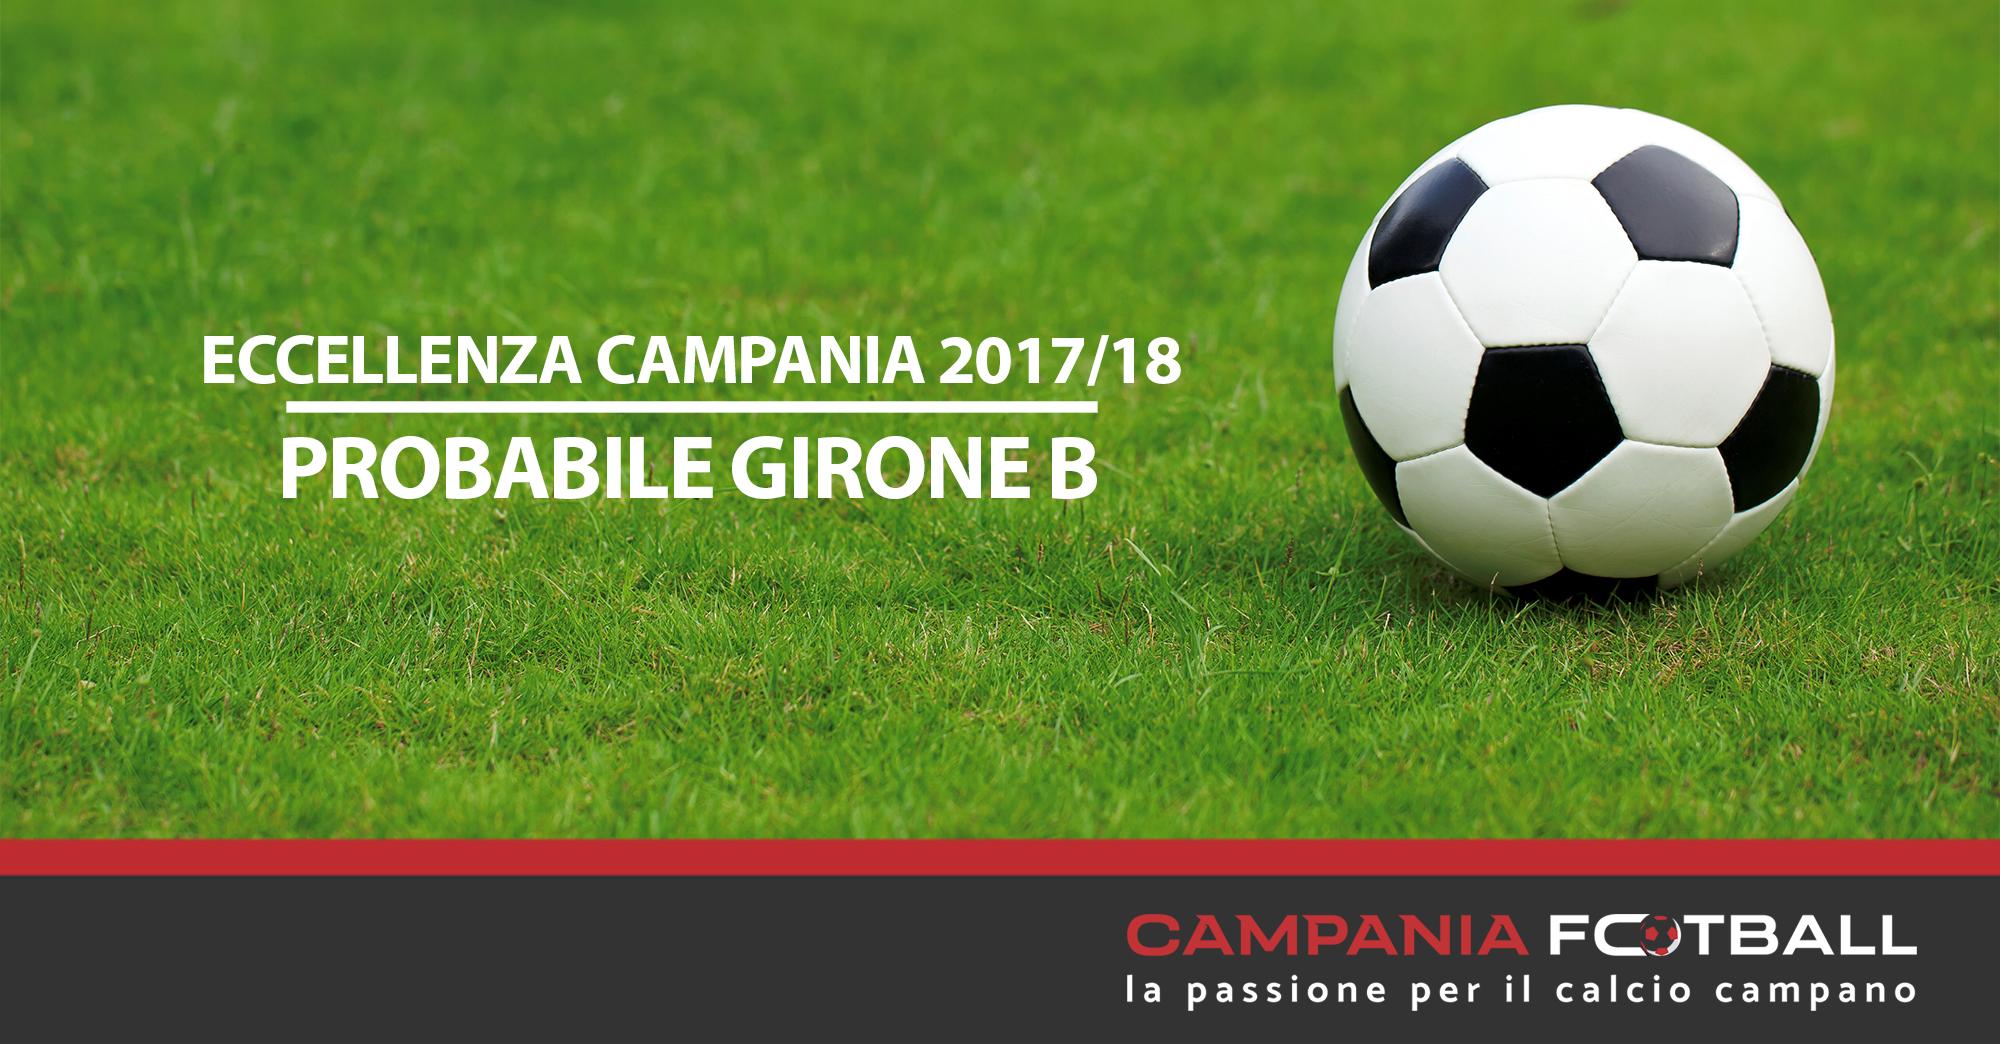 Eccellenza Regionale Campania 2017/18: ecco il probabile girone B